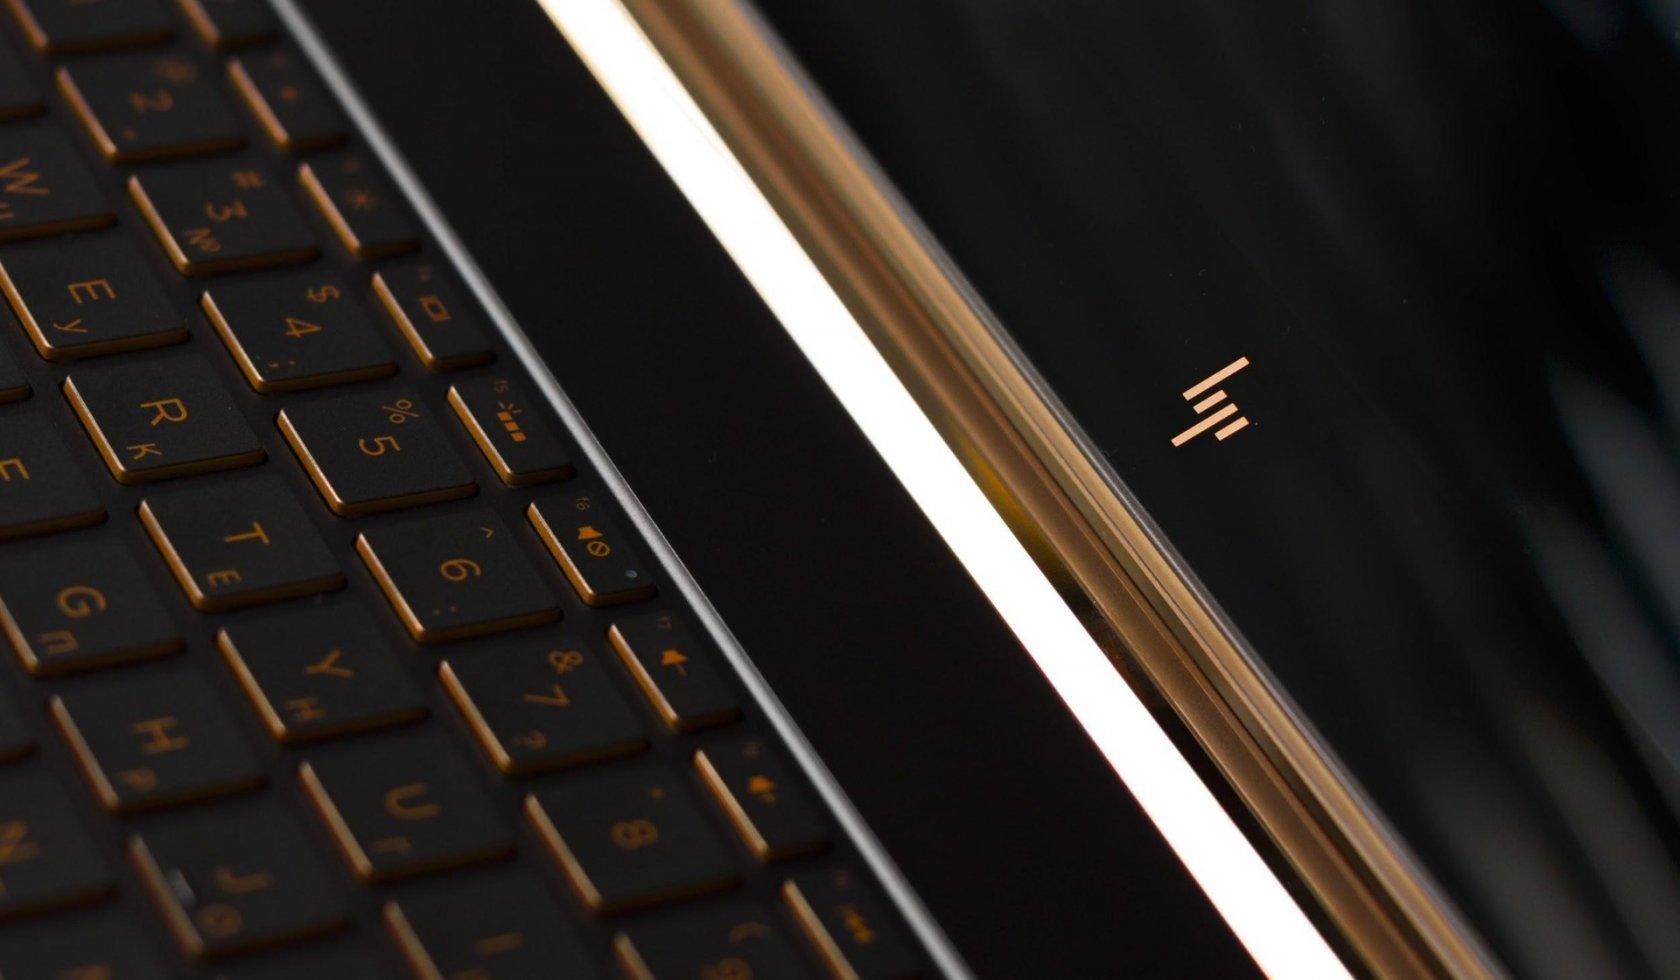 Технологии и дизайн в одном устройстве. Ноутбук HP Spectre 13 - 21